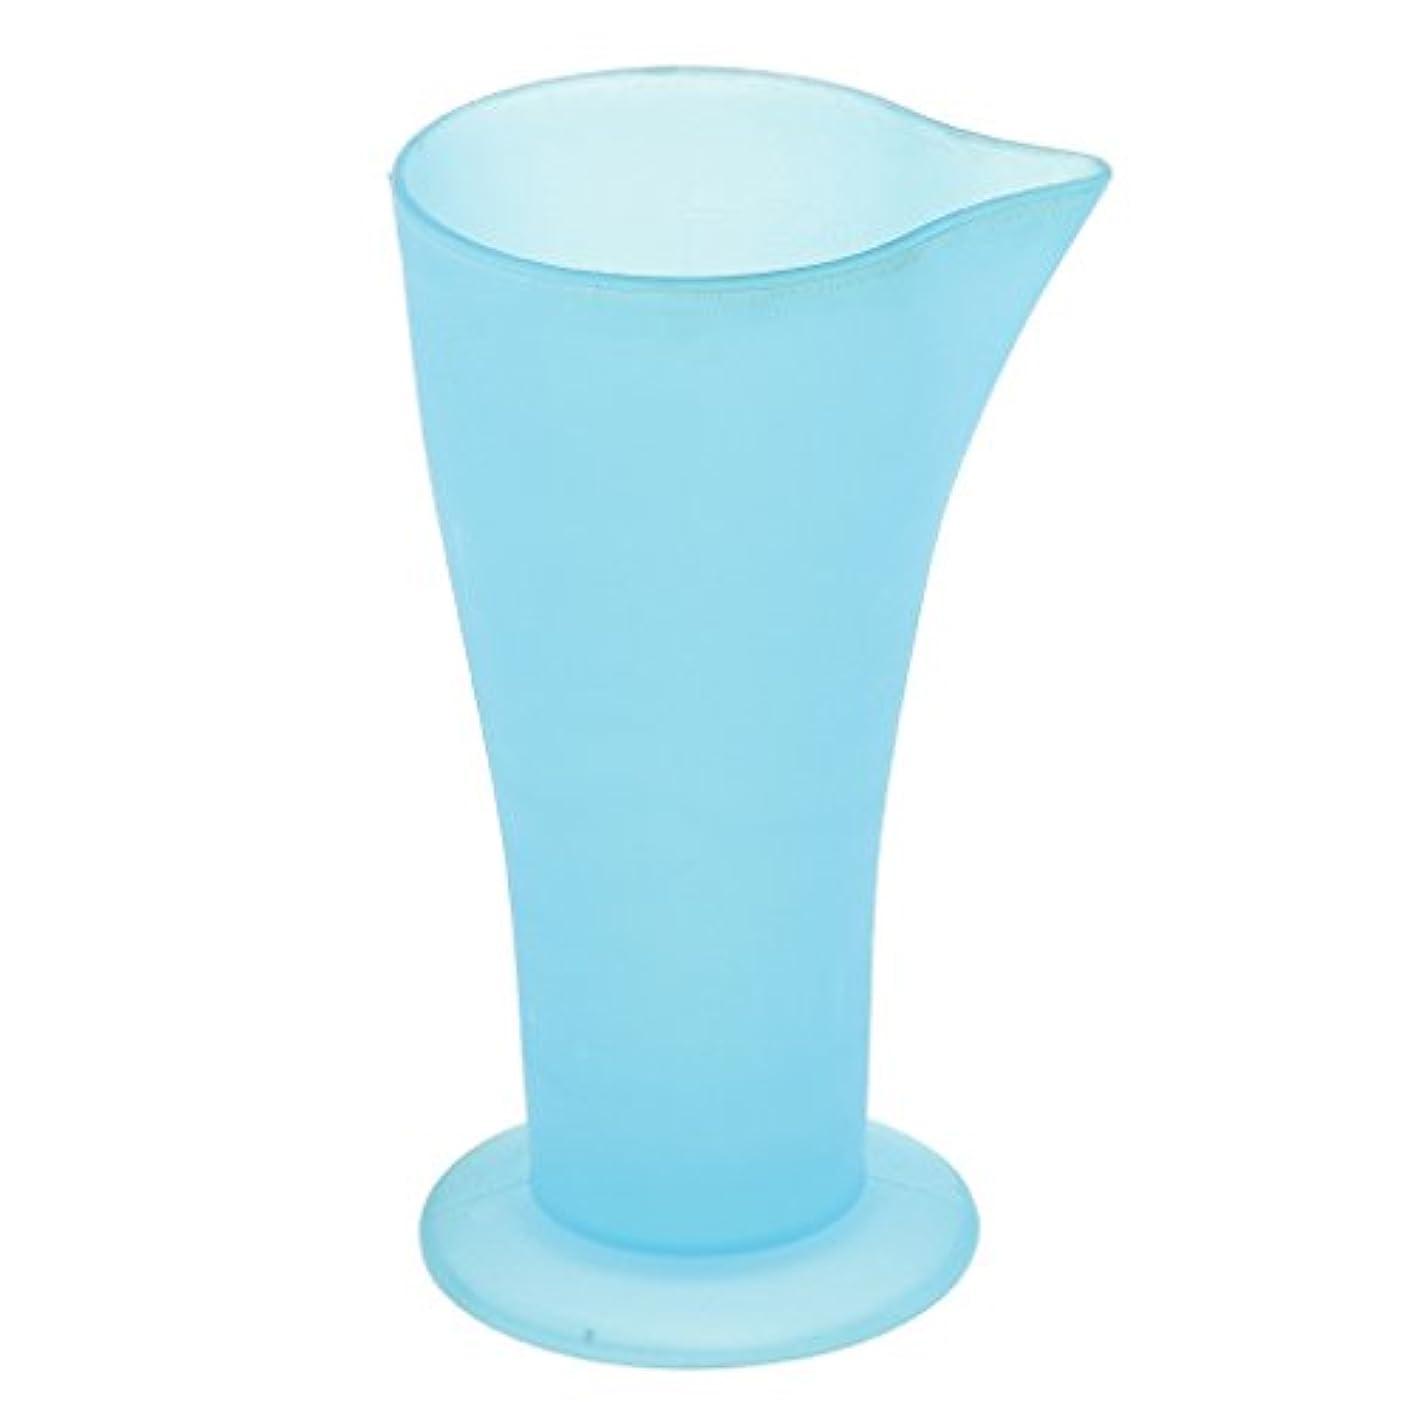 ブームカニコンバーチブルSharplace ヘアダイ容器 計量カップ 白髪染め ヘアカラ 再使用可能 ブルー